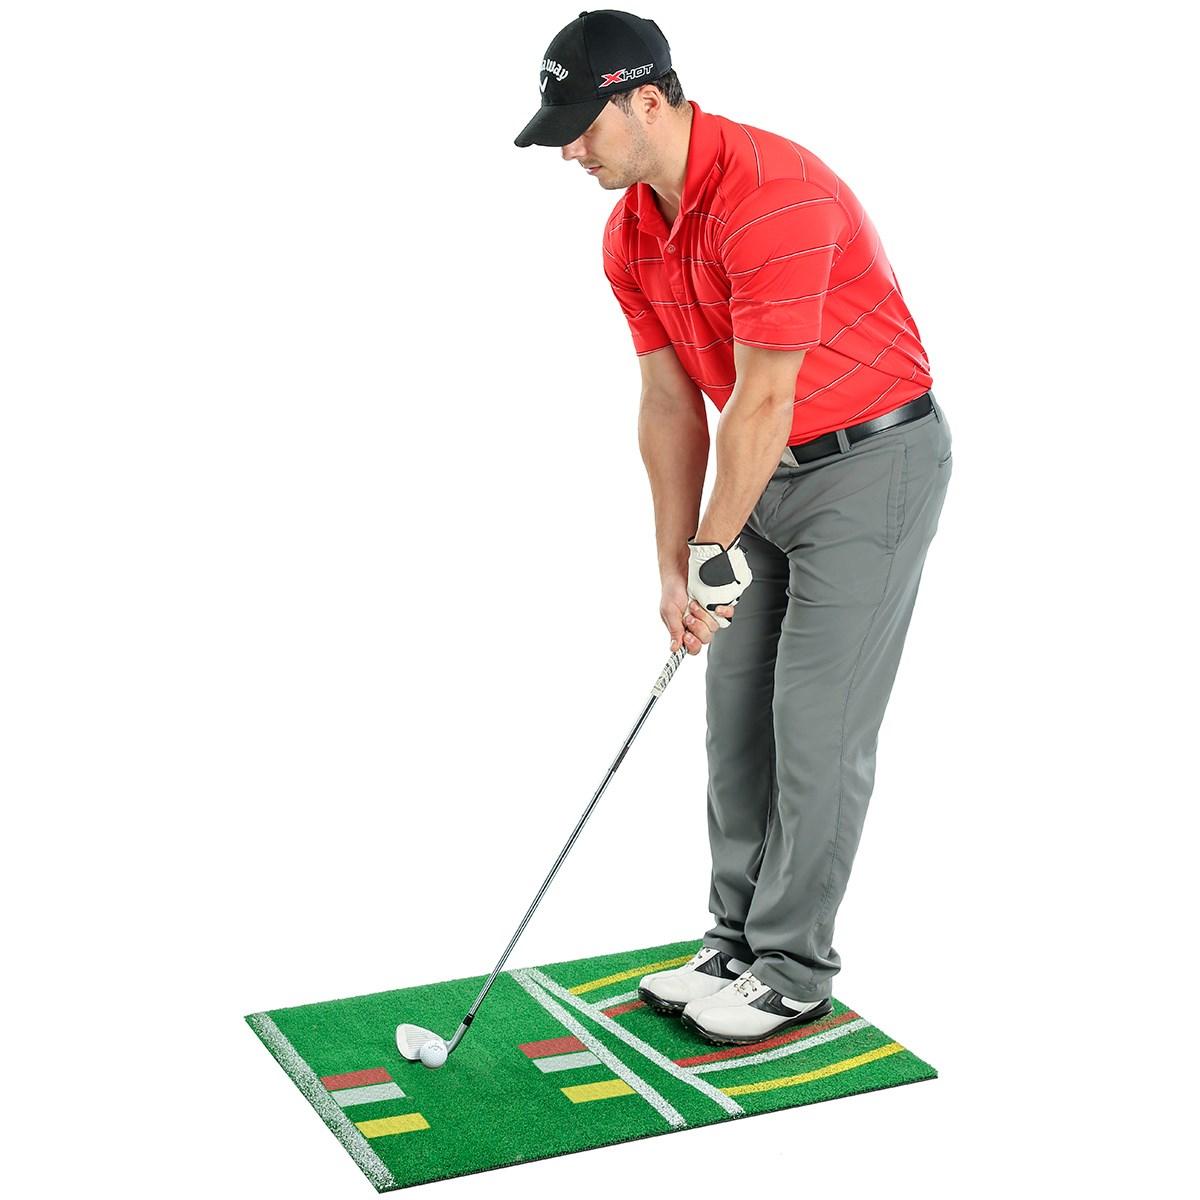 キャロウェイゴルフ Callaway Golf ピュアピッチ ヒッティングマット グリーン